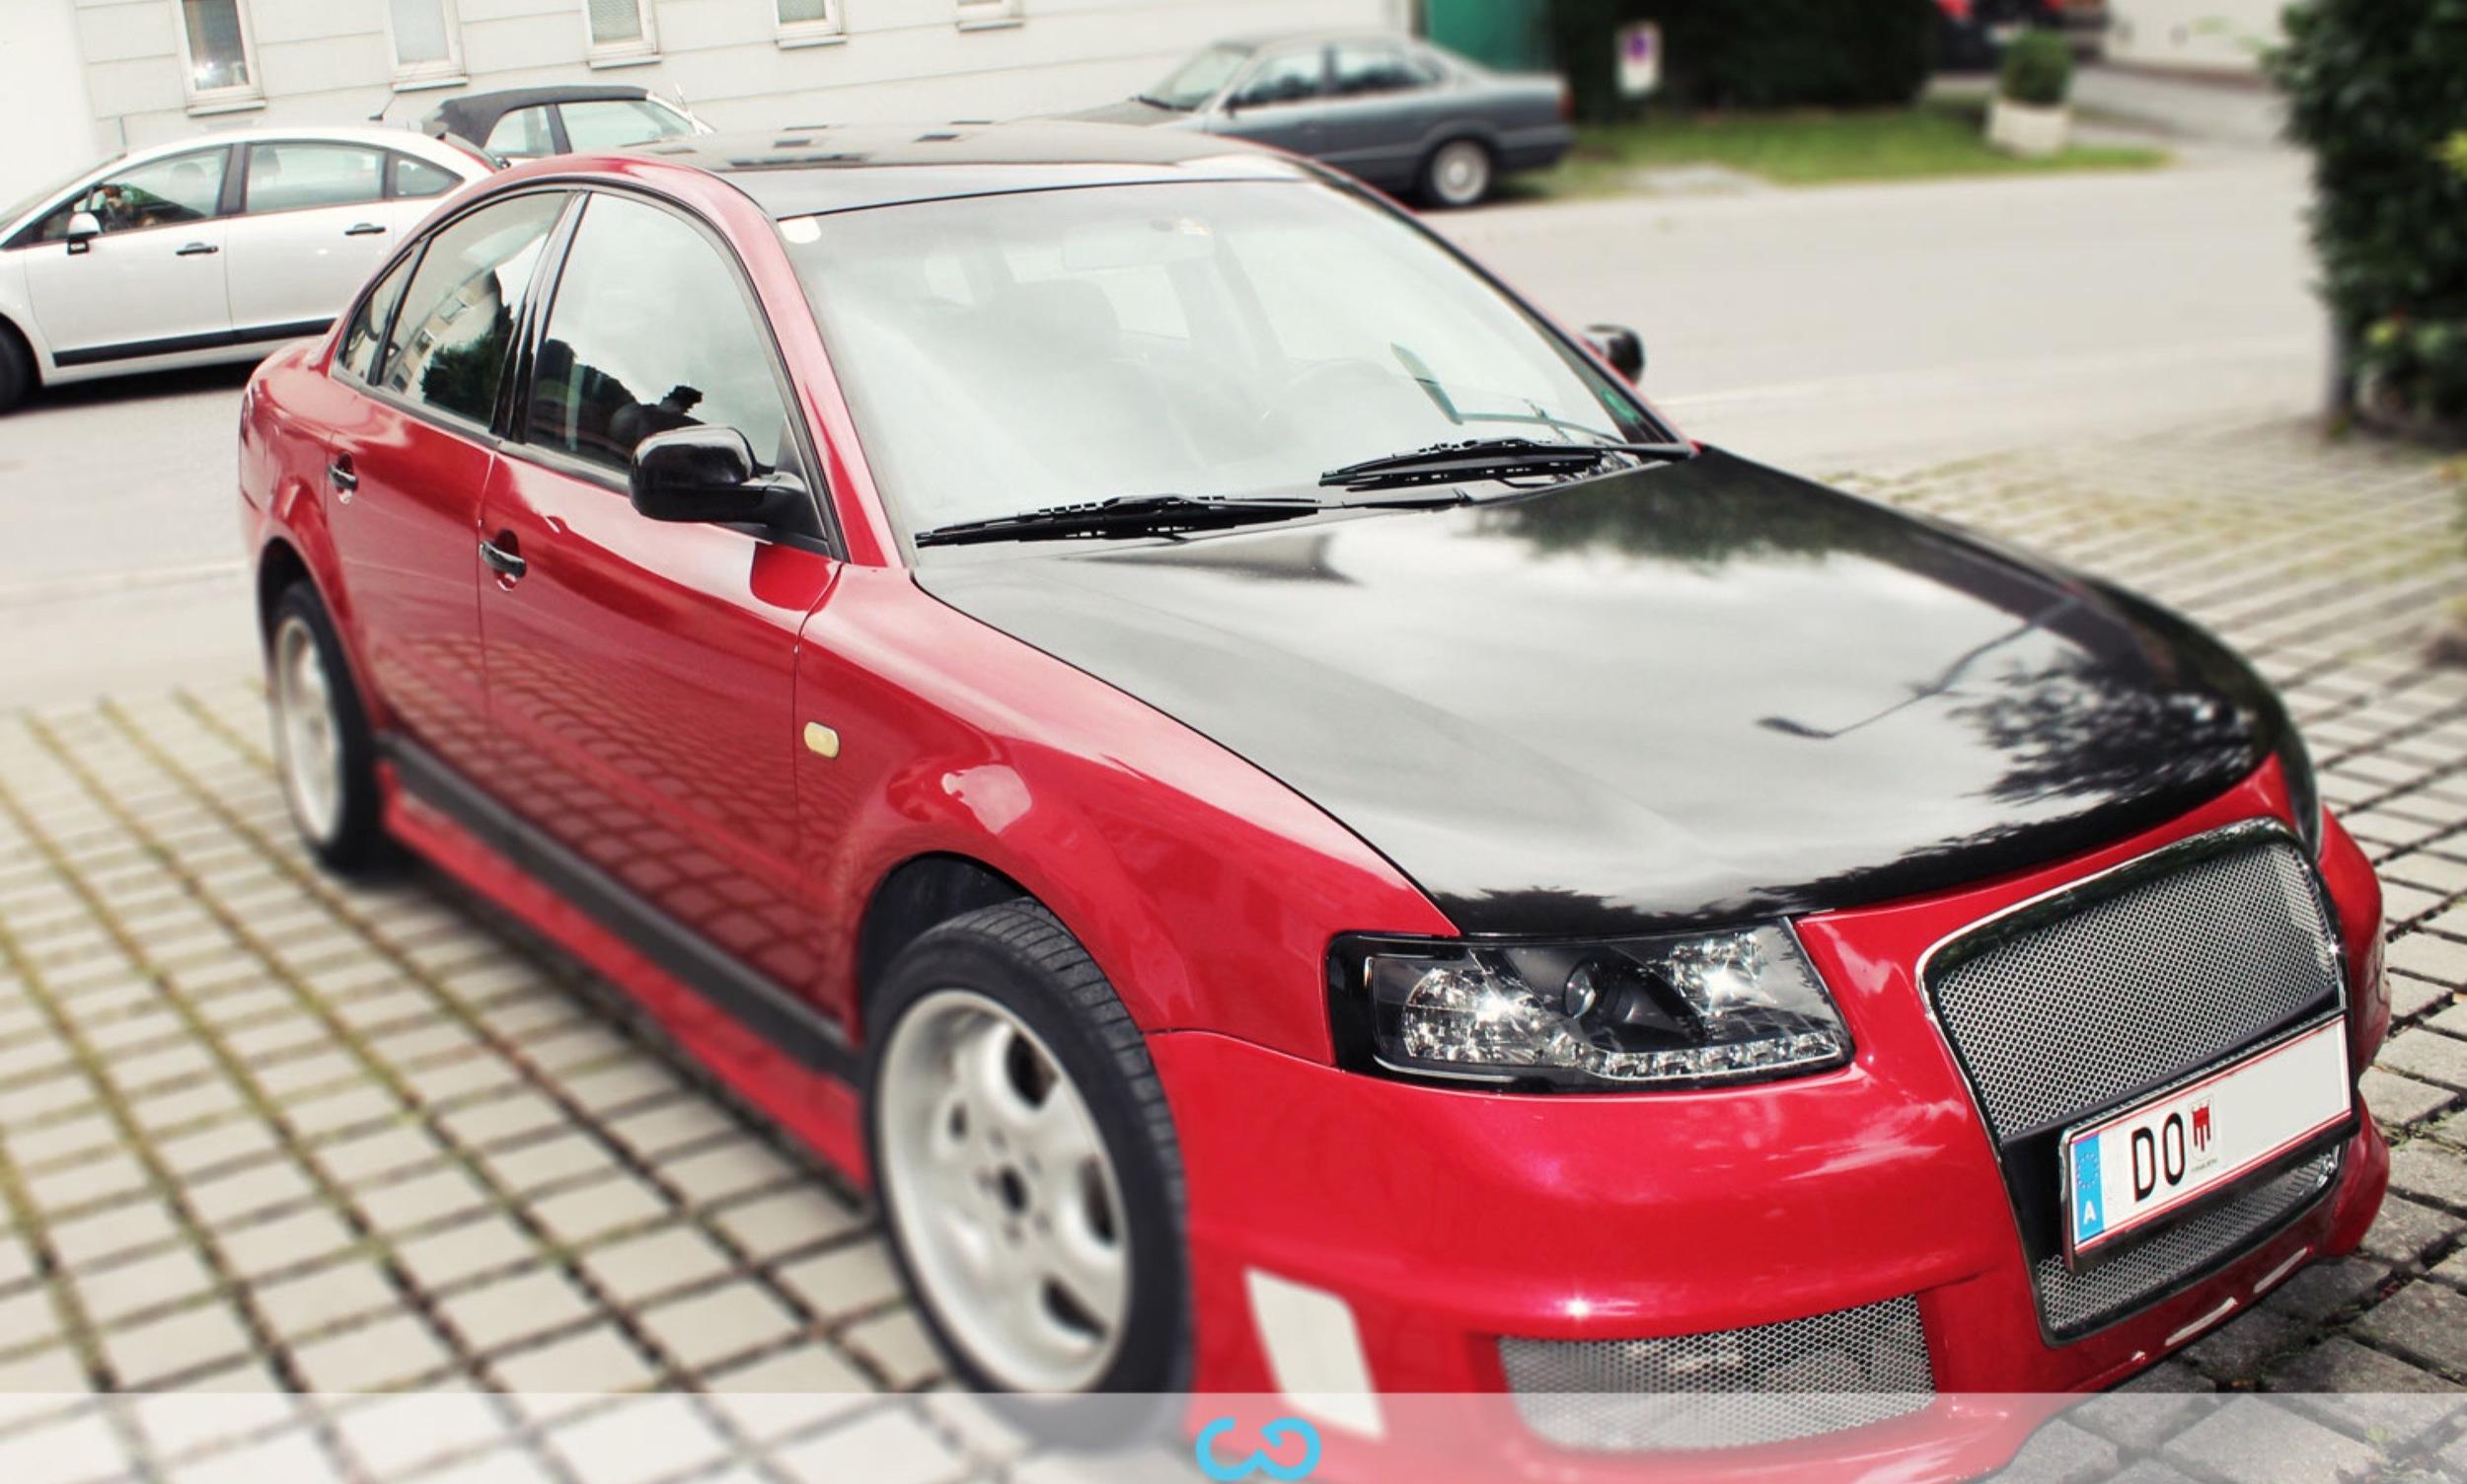 autofolierung-car-wrapping-1-teilfolierung-audi-schwarz-rot-2012-09-01-1.jpg